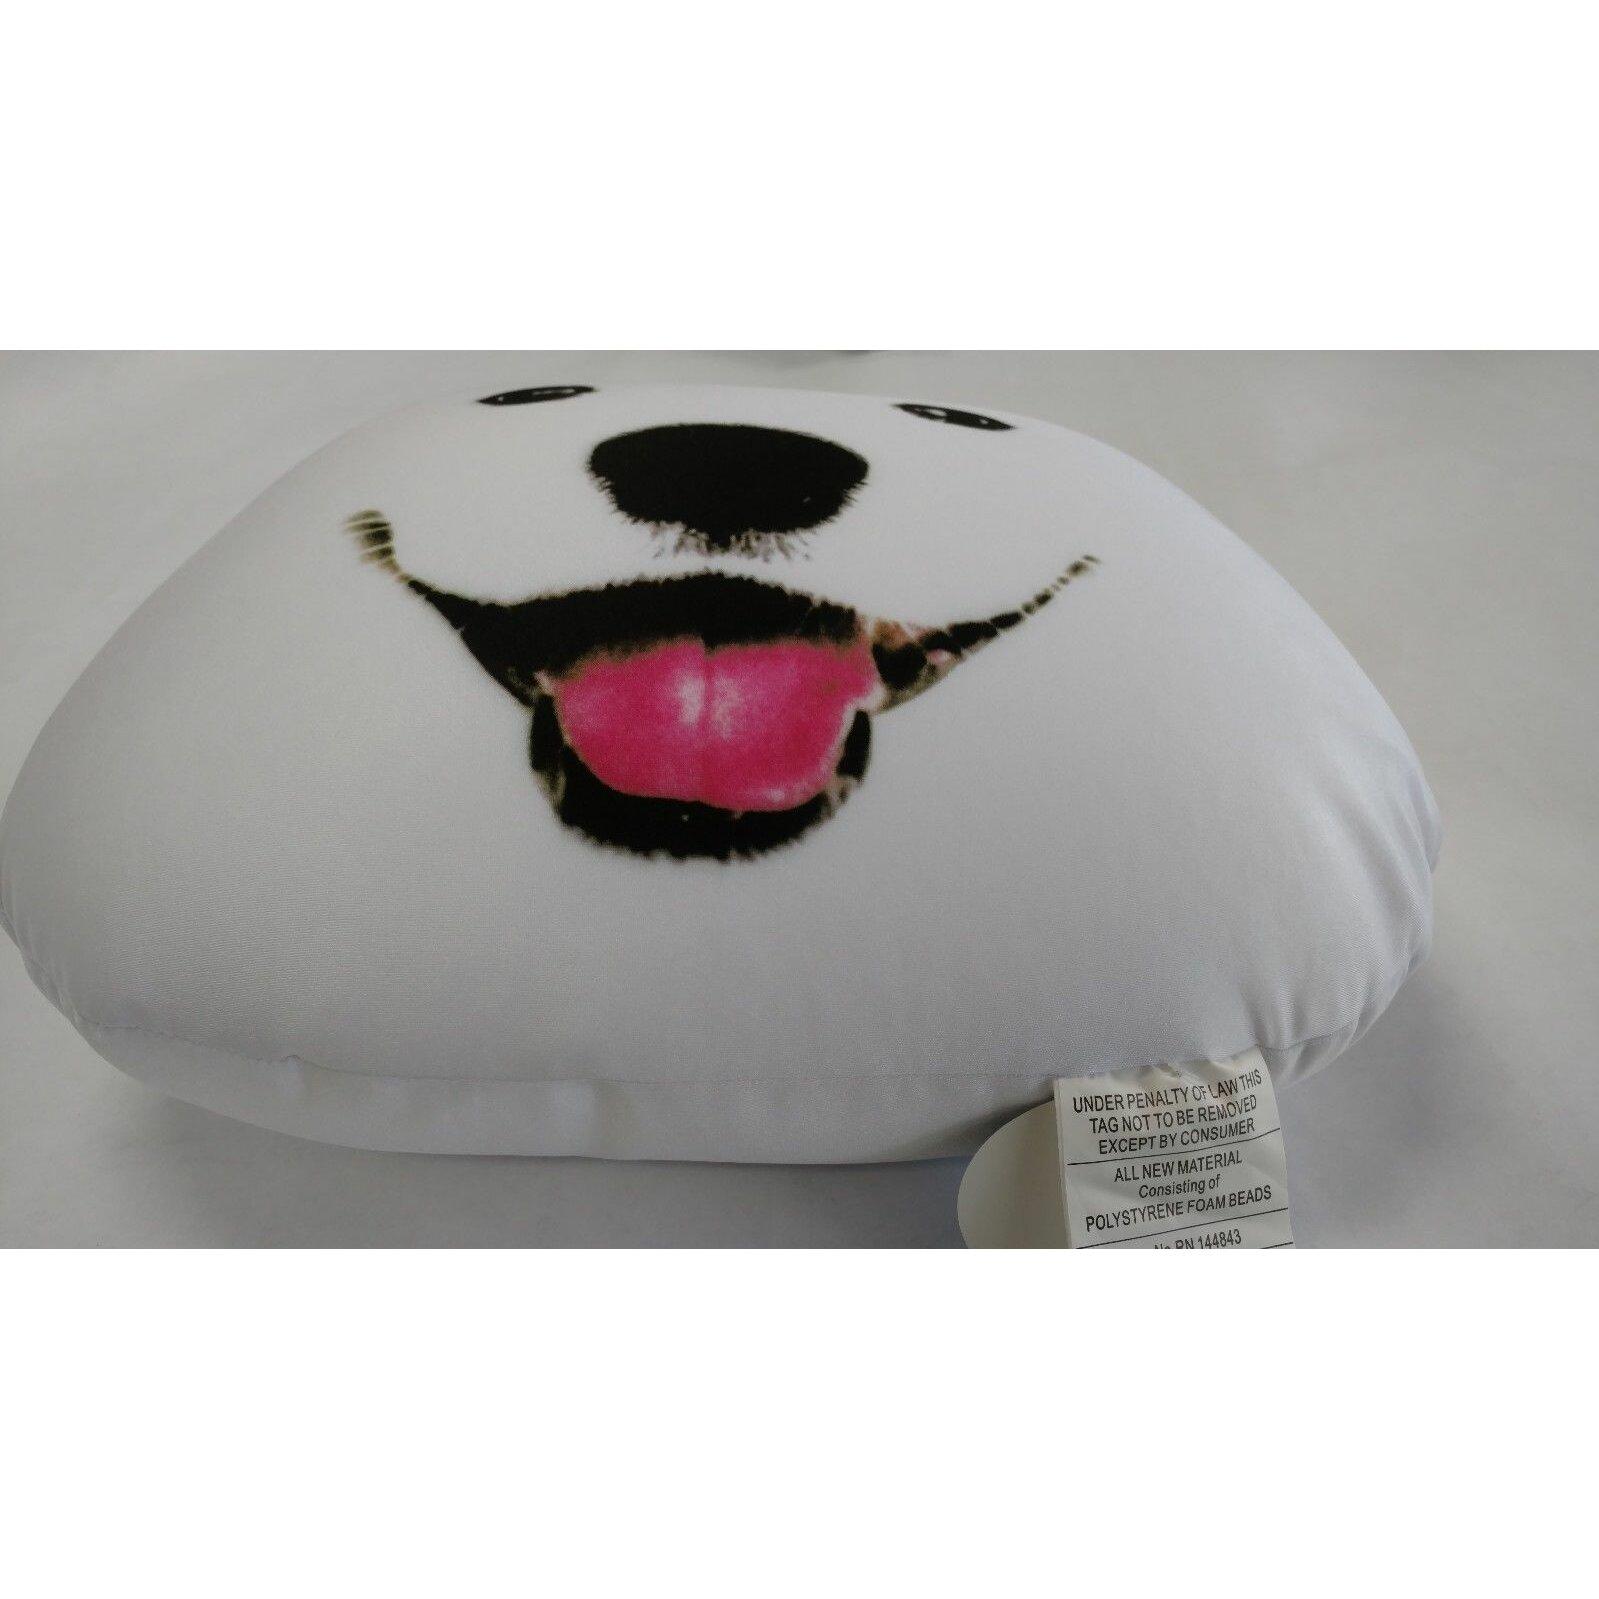 Cute Microbead Pillow : Tache Home Fashion Cute Puppy Dog Microbead Realistic Throw Pillow & Reviews Wayfair